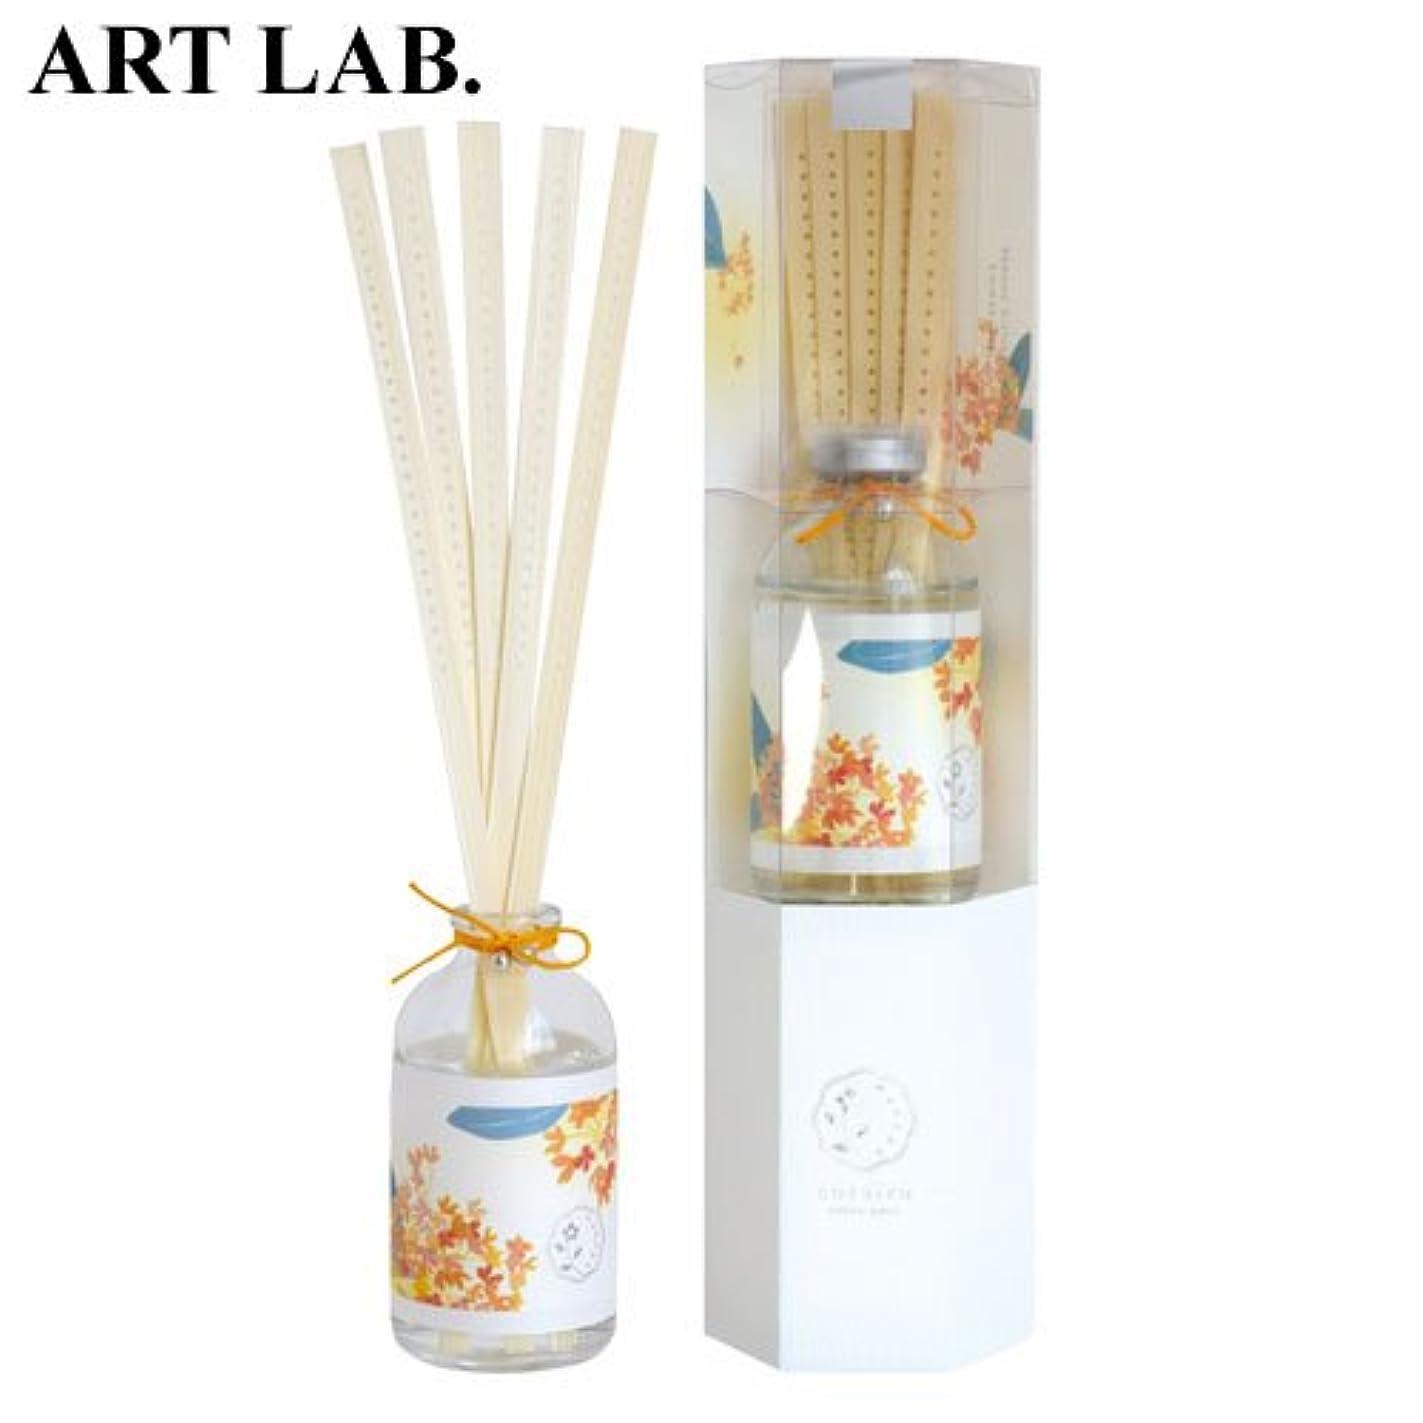 正確ゴシップ粘り強いwanokaバンブーディフューザー金木犀《果実のような甘い香り》ART LABAroma Diffuser